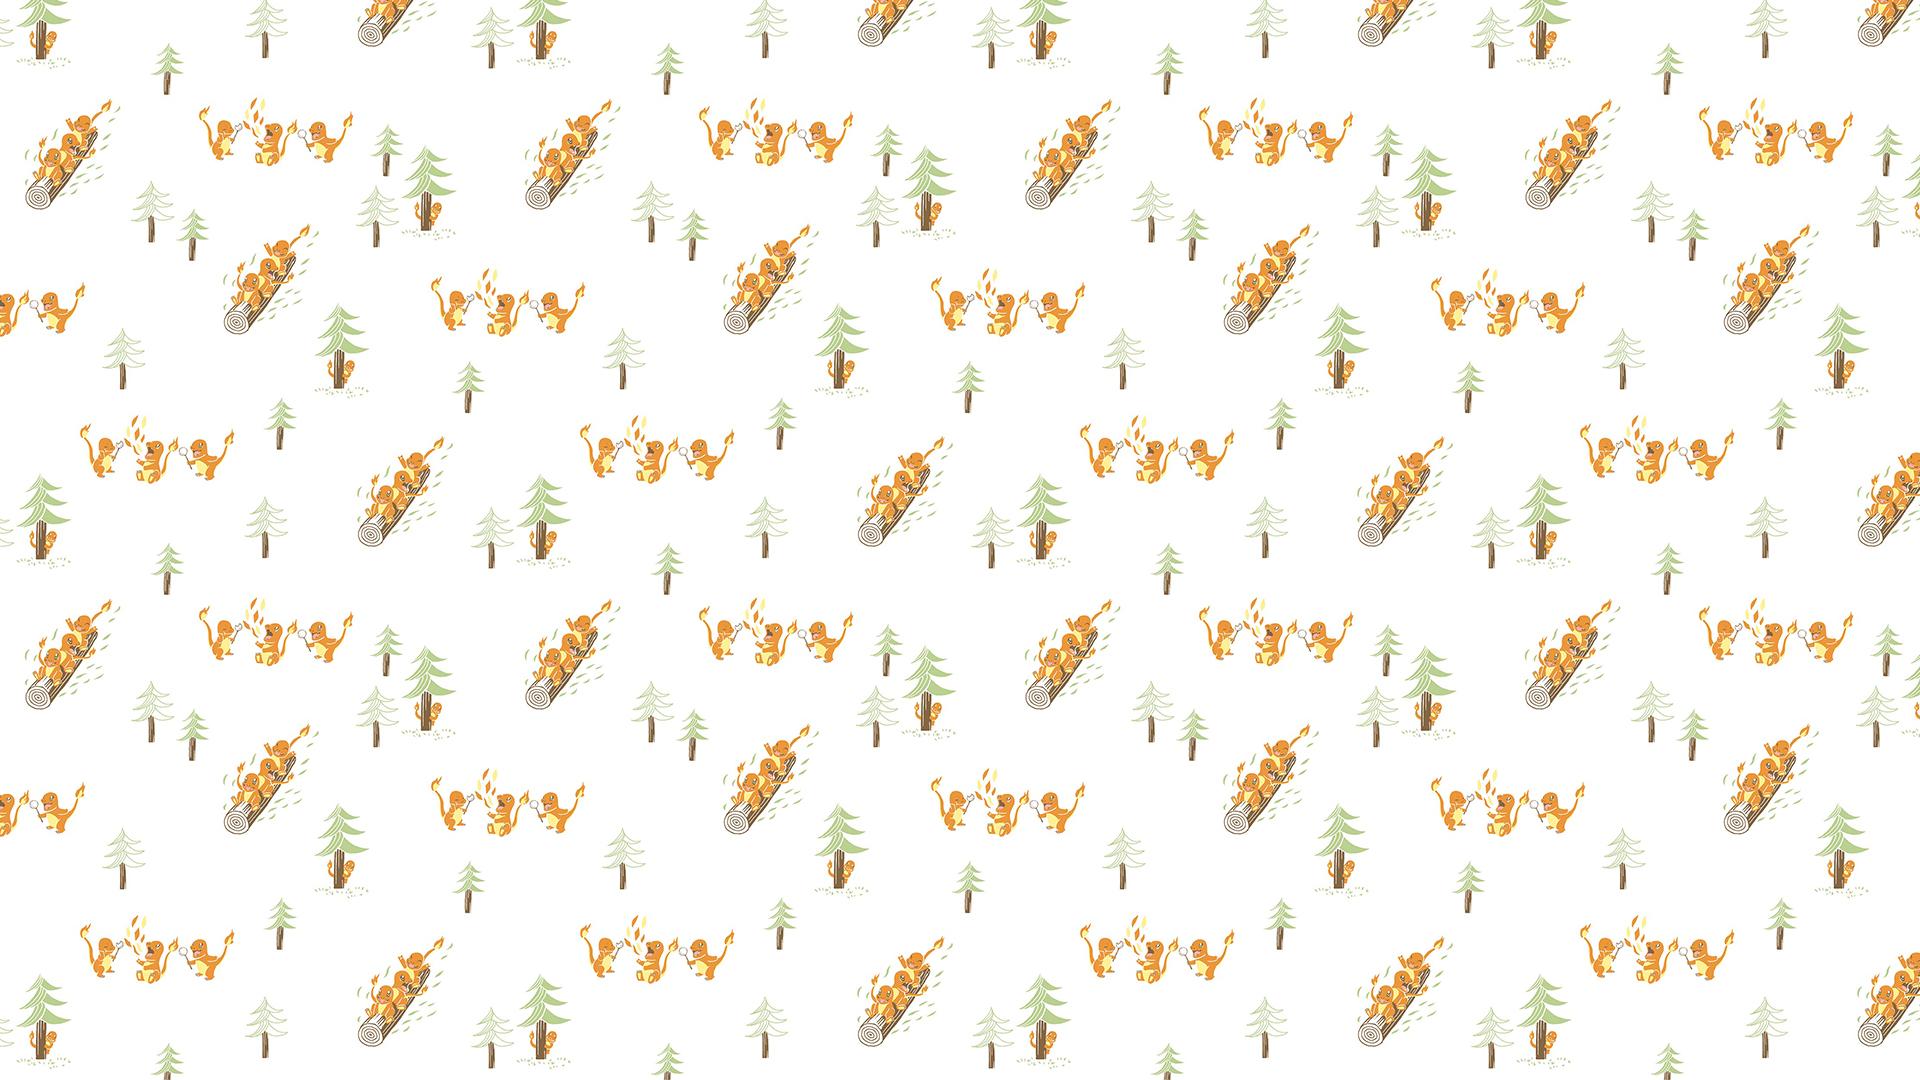 Wallpaper Pokemon Tile Cartoon Pattern 1920x1080 Sflashy 1558655 Hd Wallpapers Wallhere